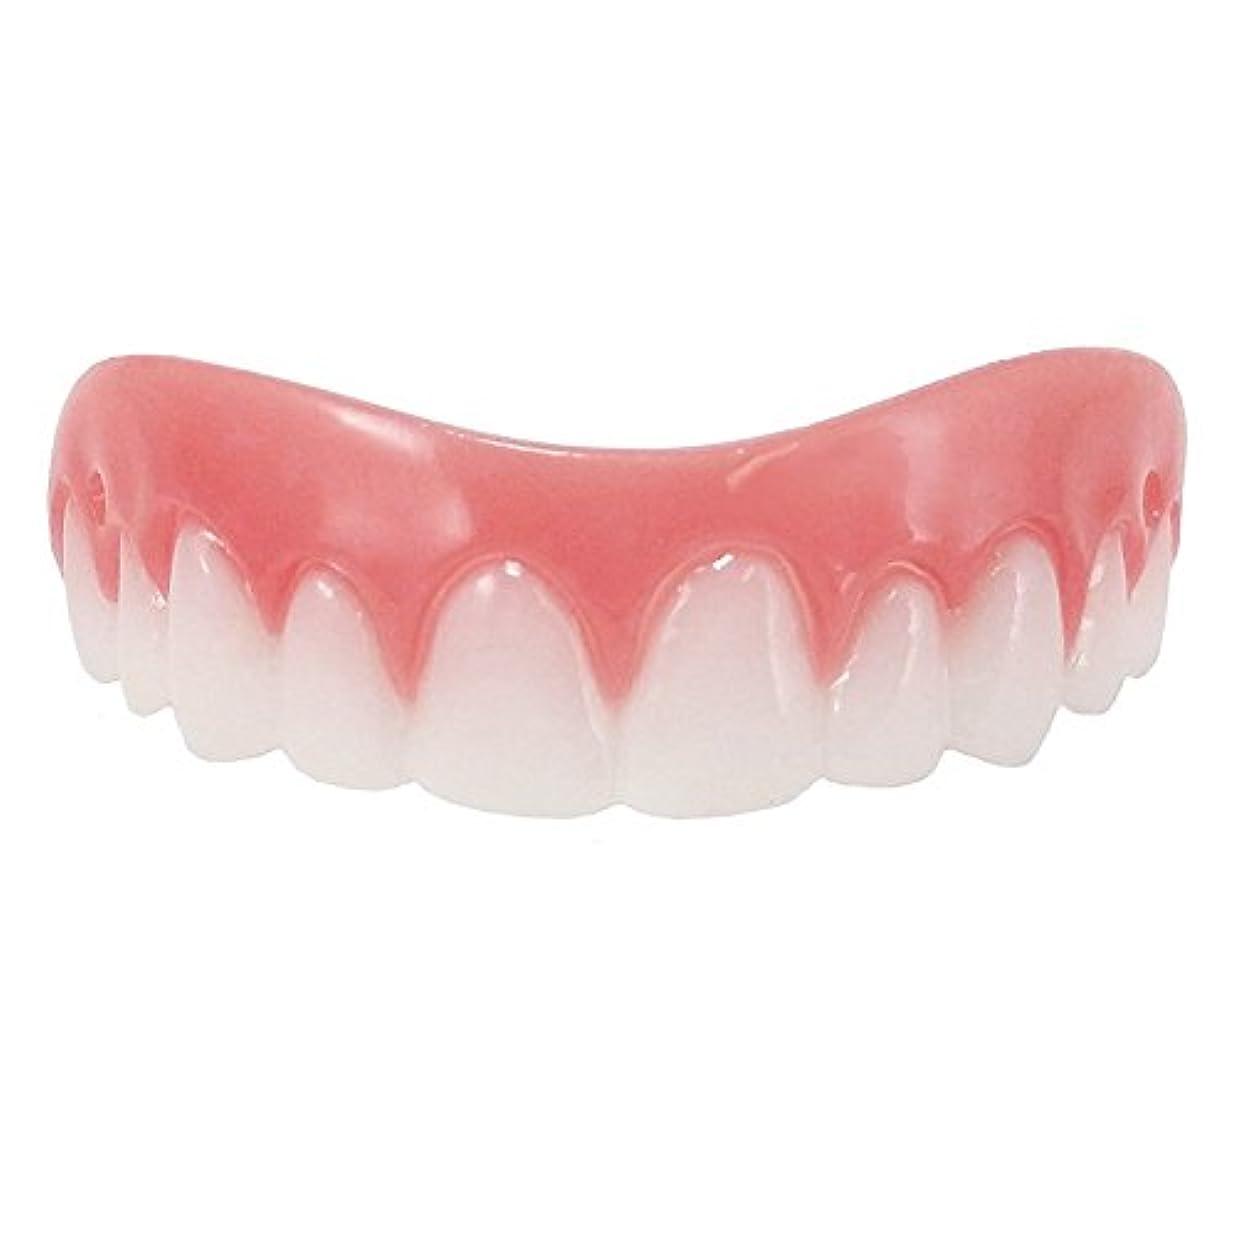 シリコン義歯ペースト 美容用 入れ歯 上歯 下歯2個セット (free size)